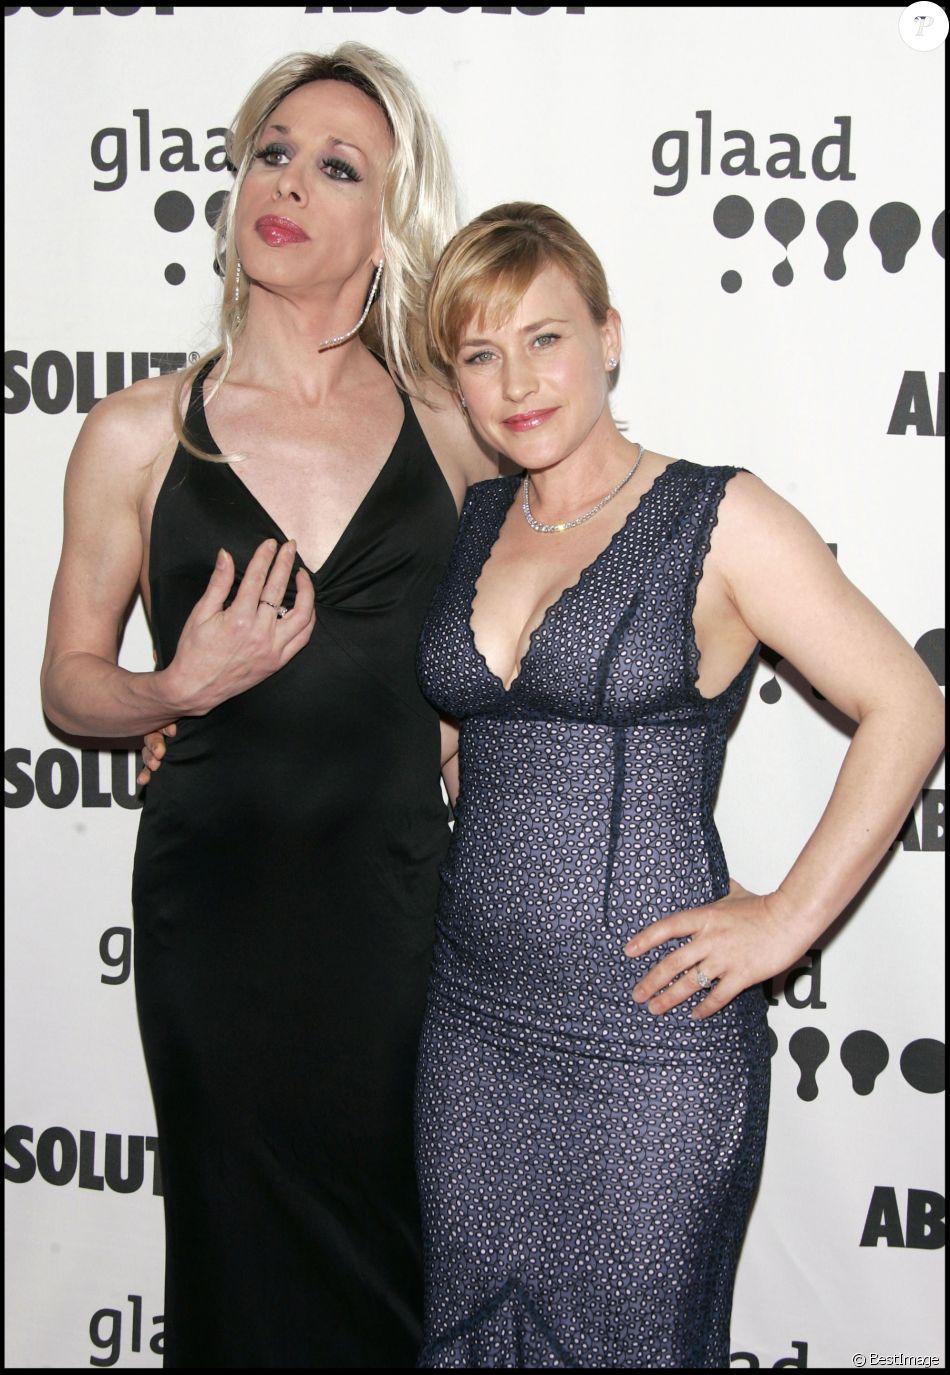 Alexis et Patricia Arquette à la 17e édition des Glaad Media Awards à Los Angeles le 8 avril 2006